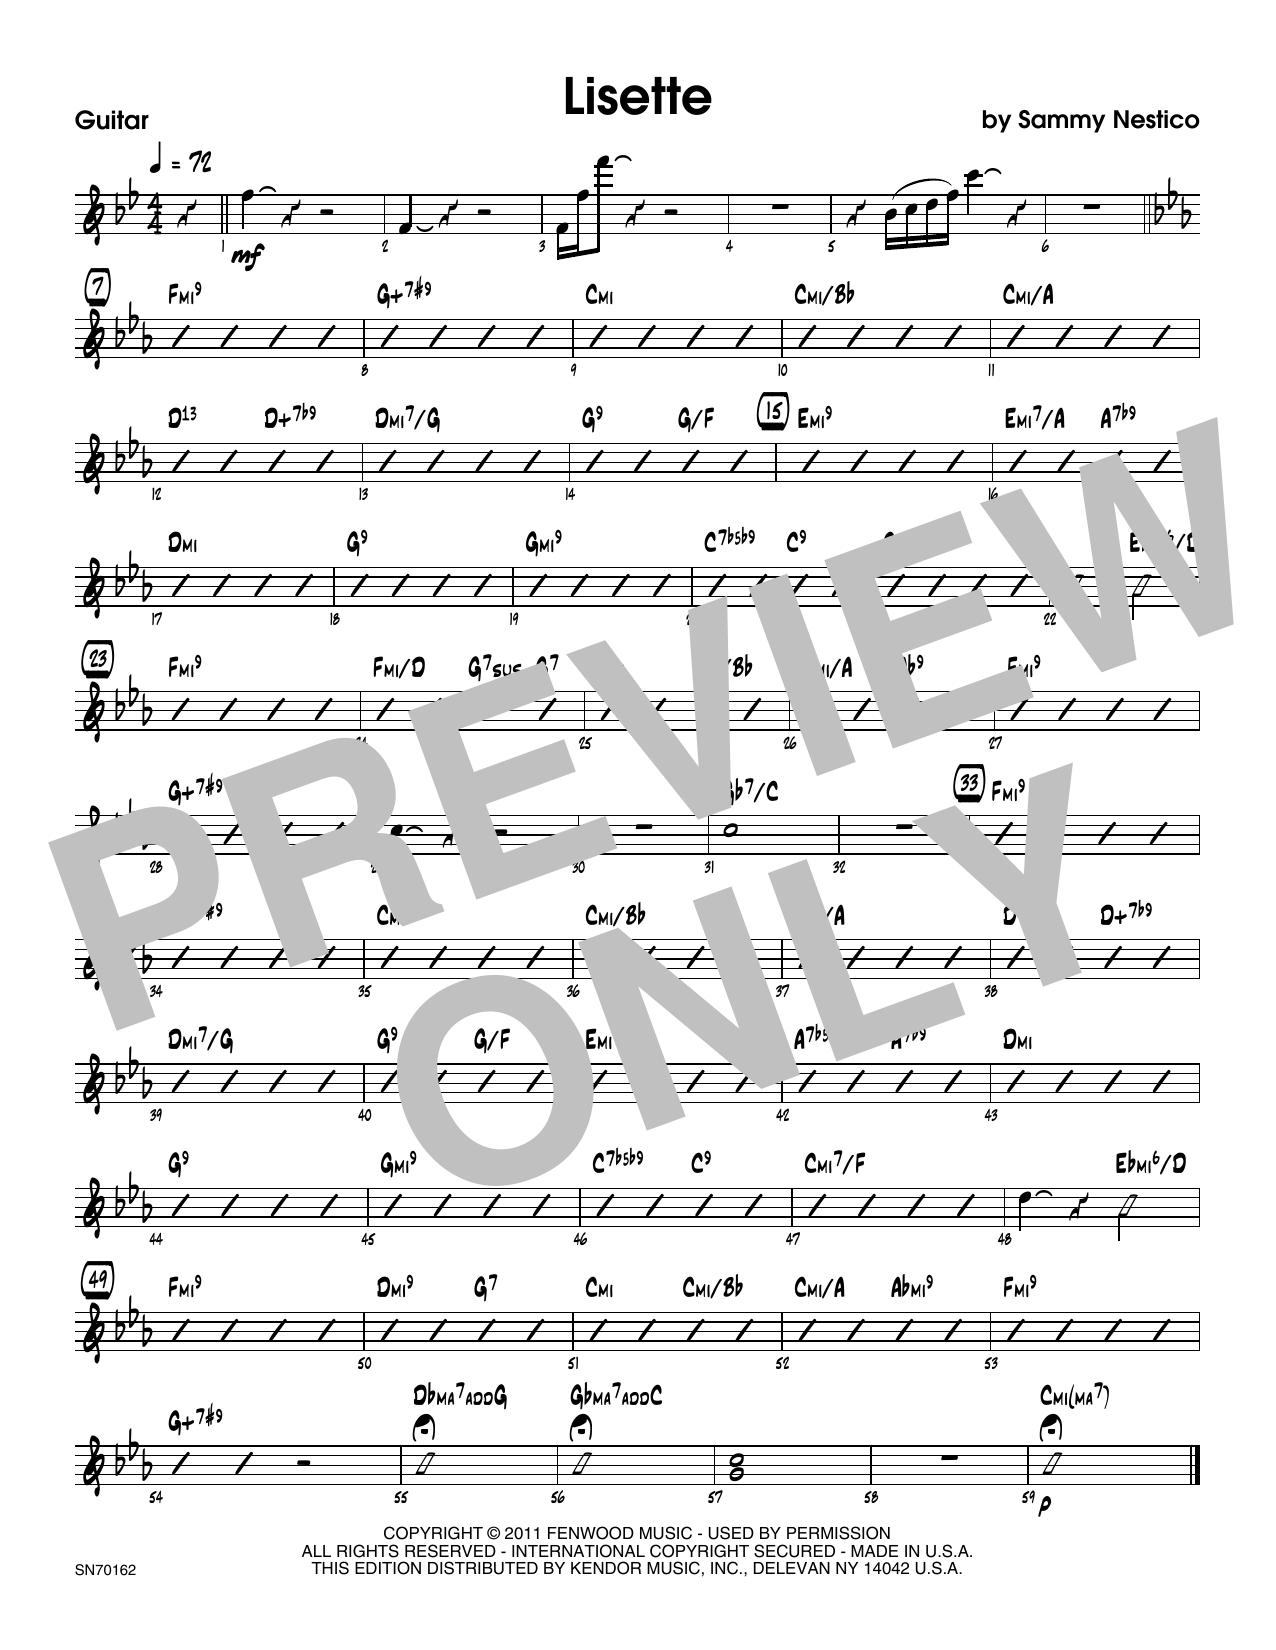 Lisette - Guitar Sheet Music